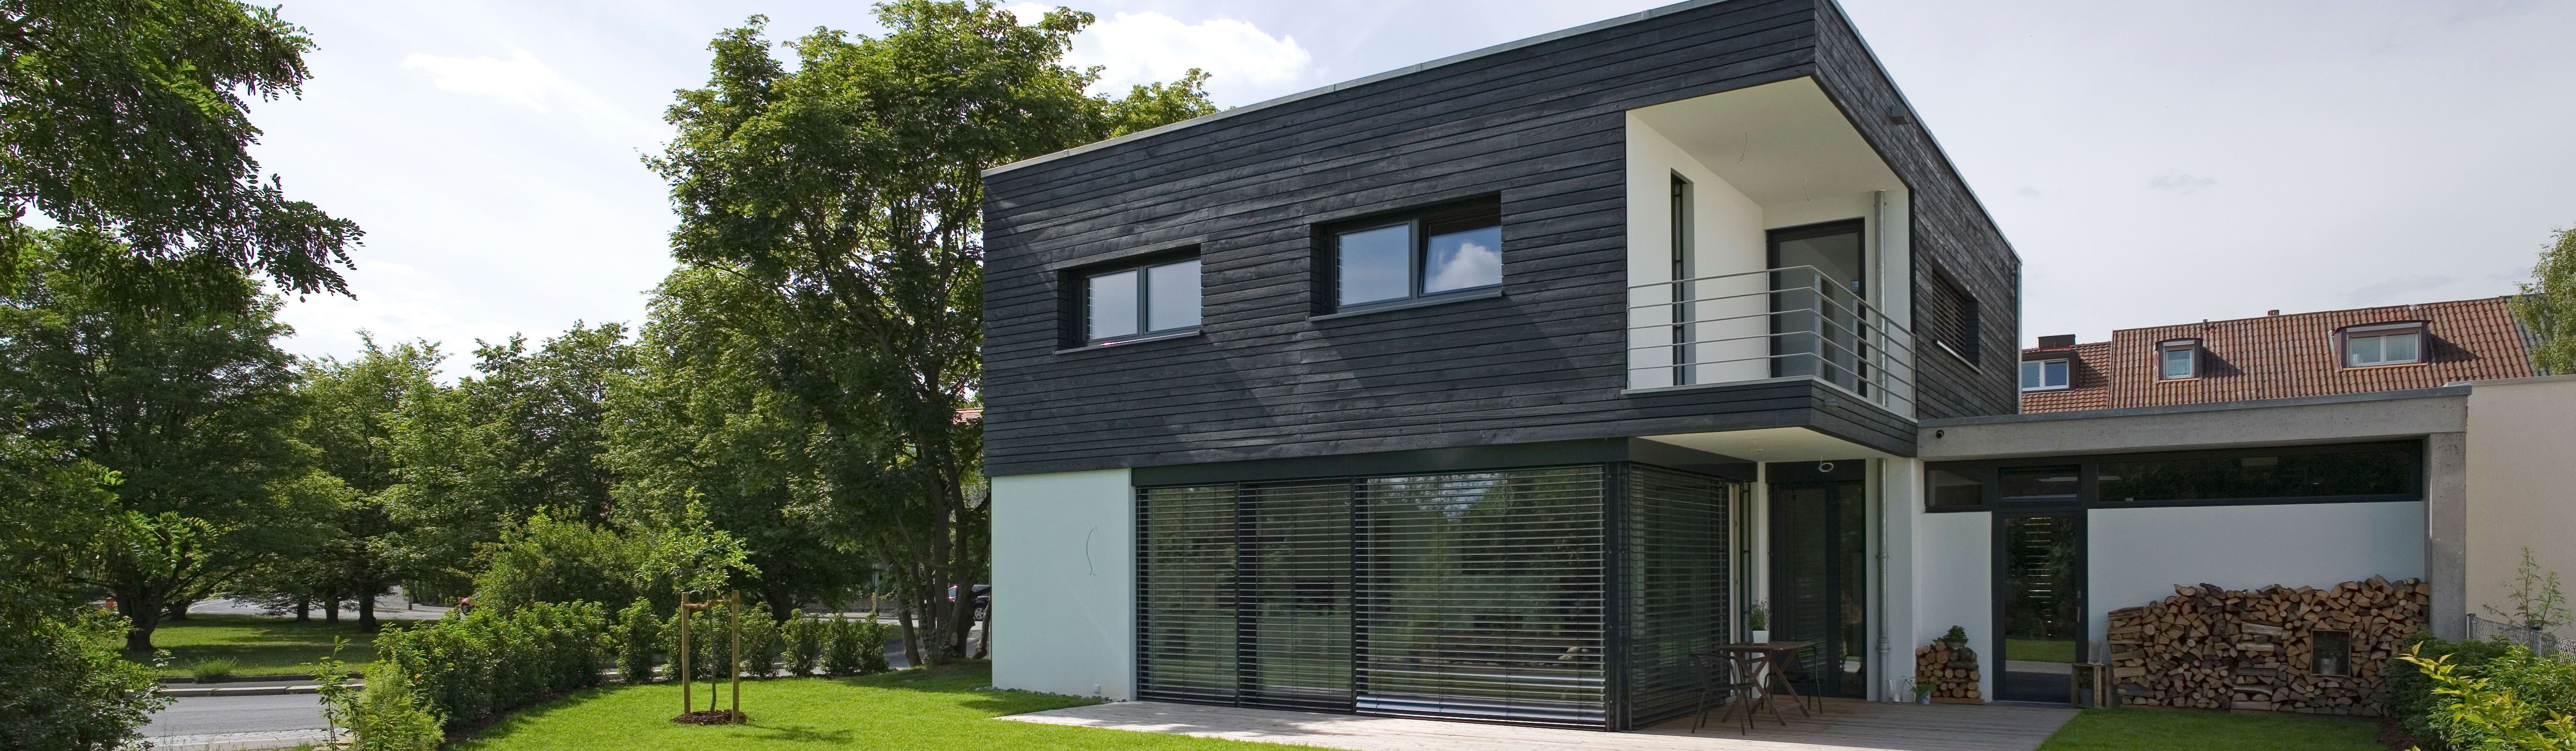 hofmann keicher ring architekten architekten in w rzburg homify. Black Bedroom Furniture Sets. Home Design Ideas